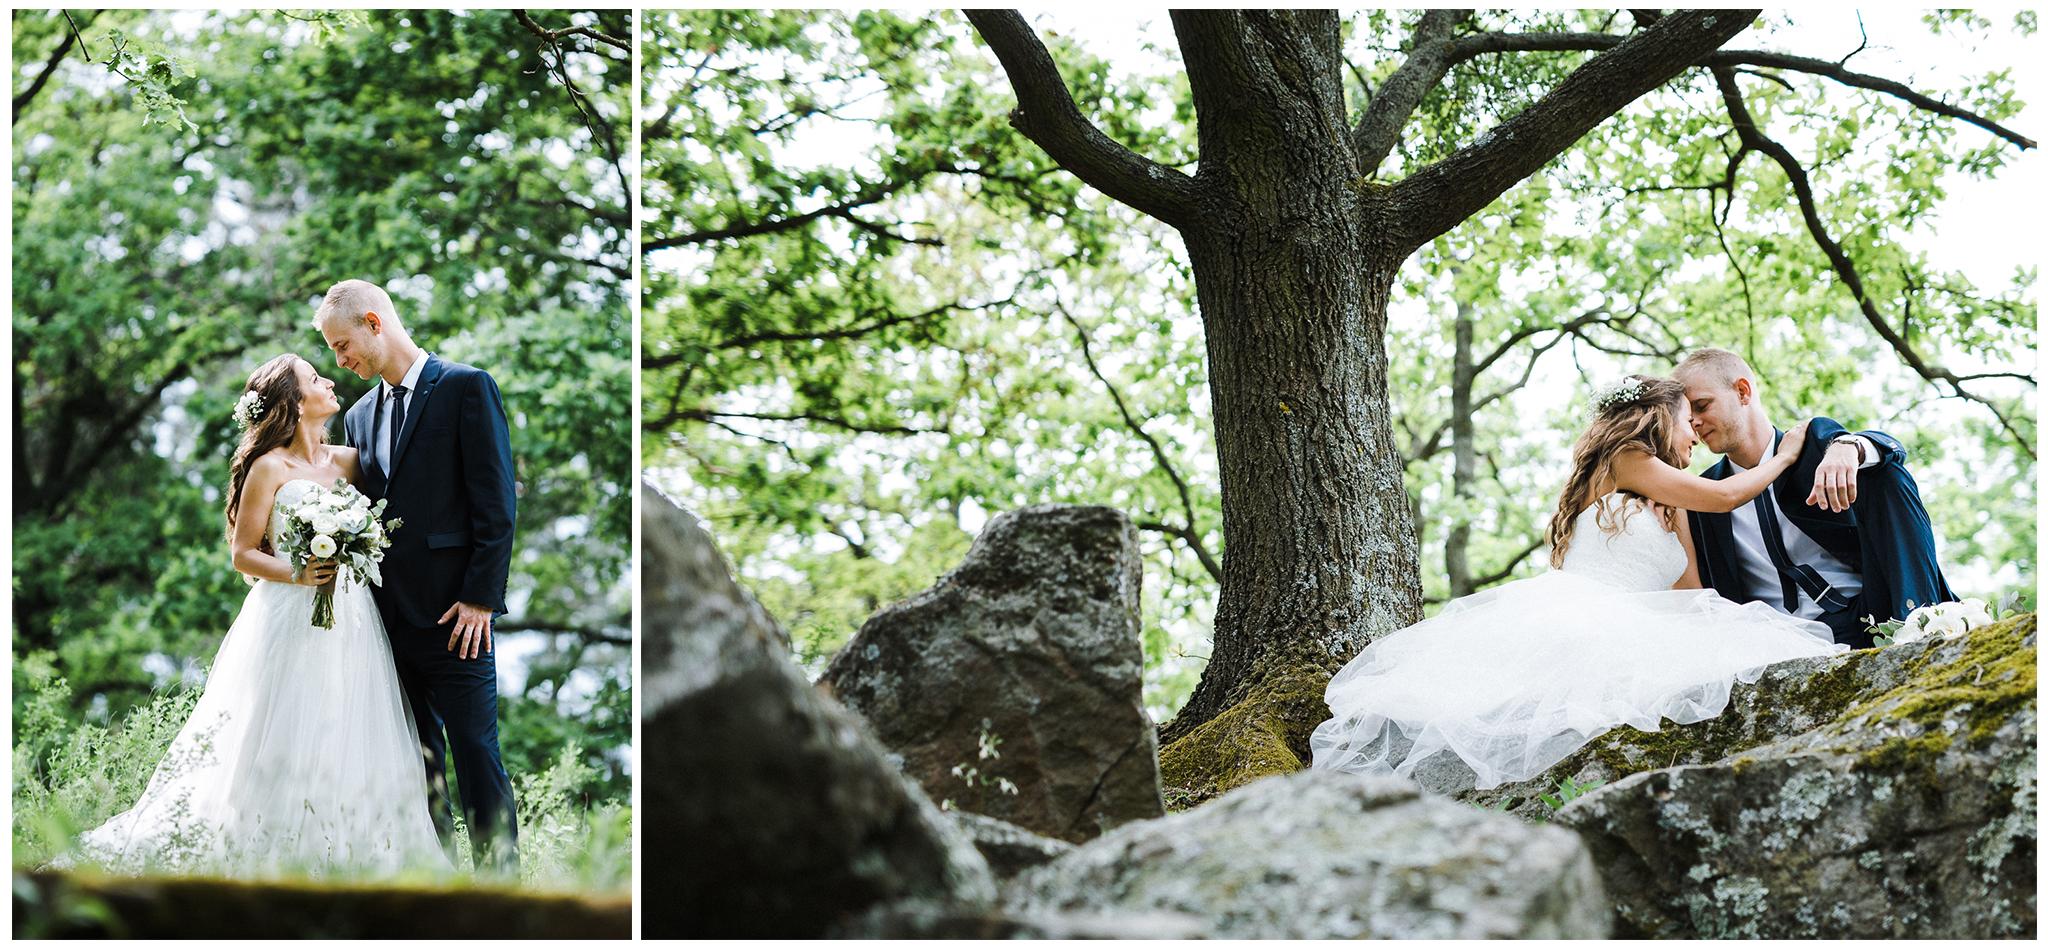 MONT_FylepPhoto, Esküvőfotós Vasmegye, Esküvő fotózás, Esküvői fotós, Körmend, Vas megye, Dunántúl, Budapest, Fülöp Péter, Jegyes fotózás, jegyes, kreatív, kreatívfotózás, Balaton_Réka&Peti,2018_001.jpg